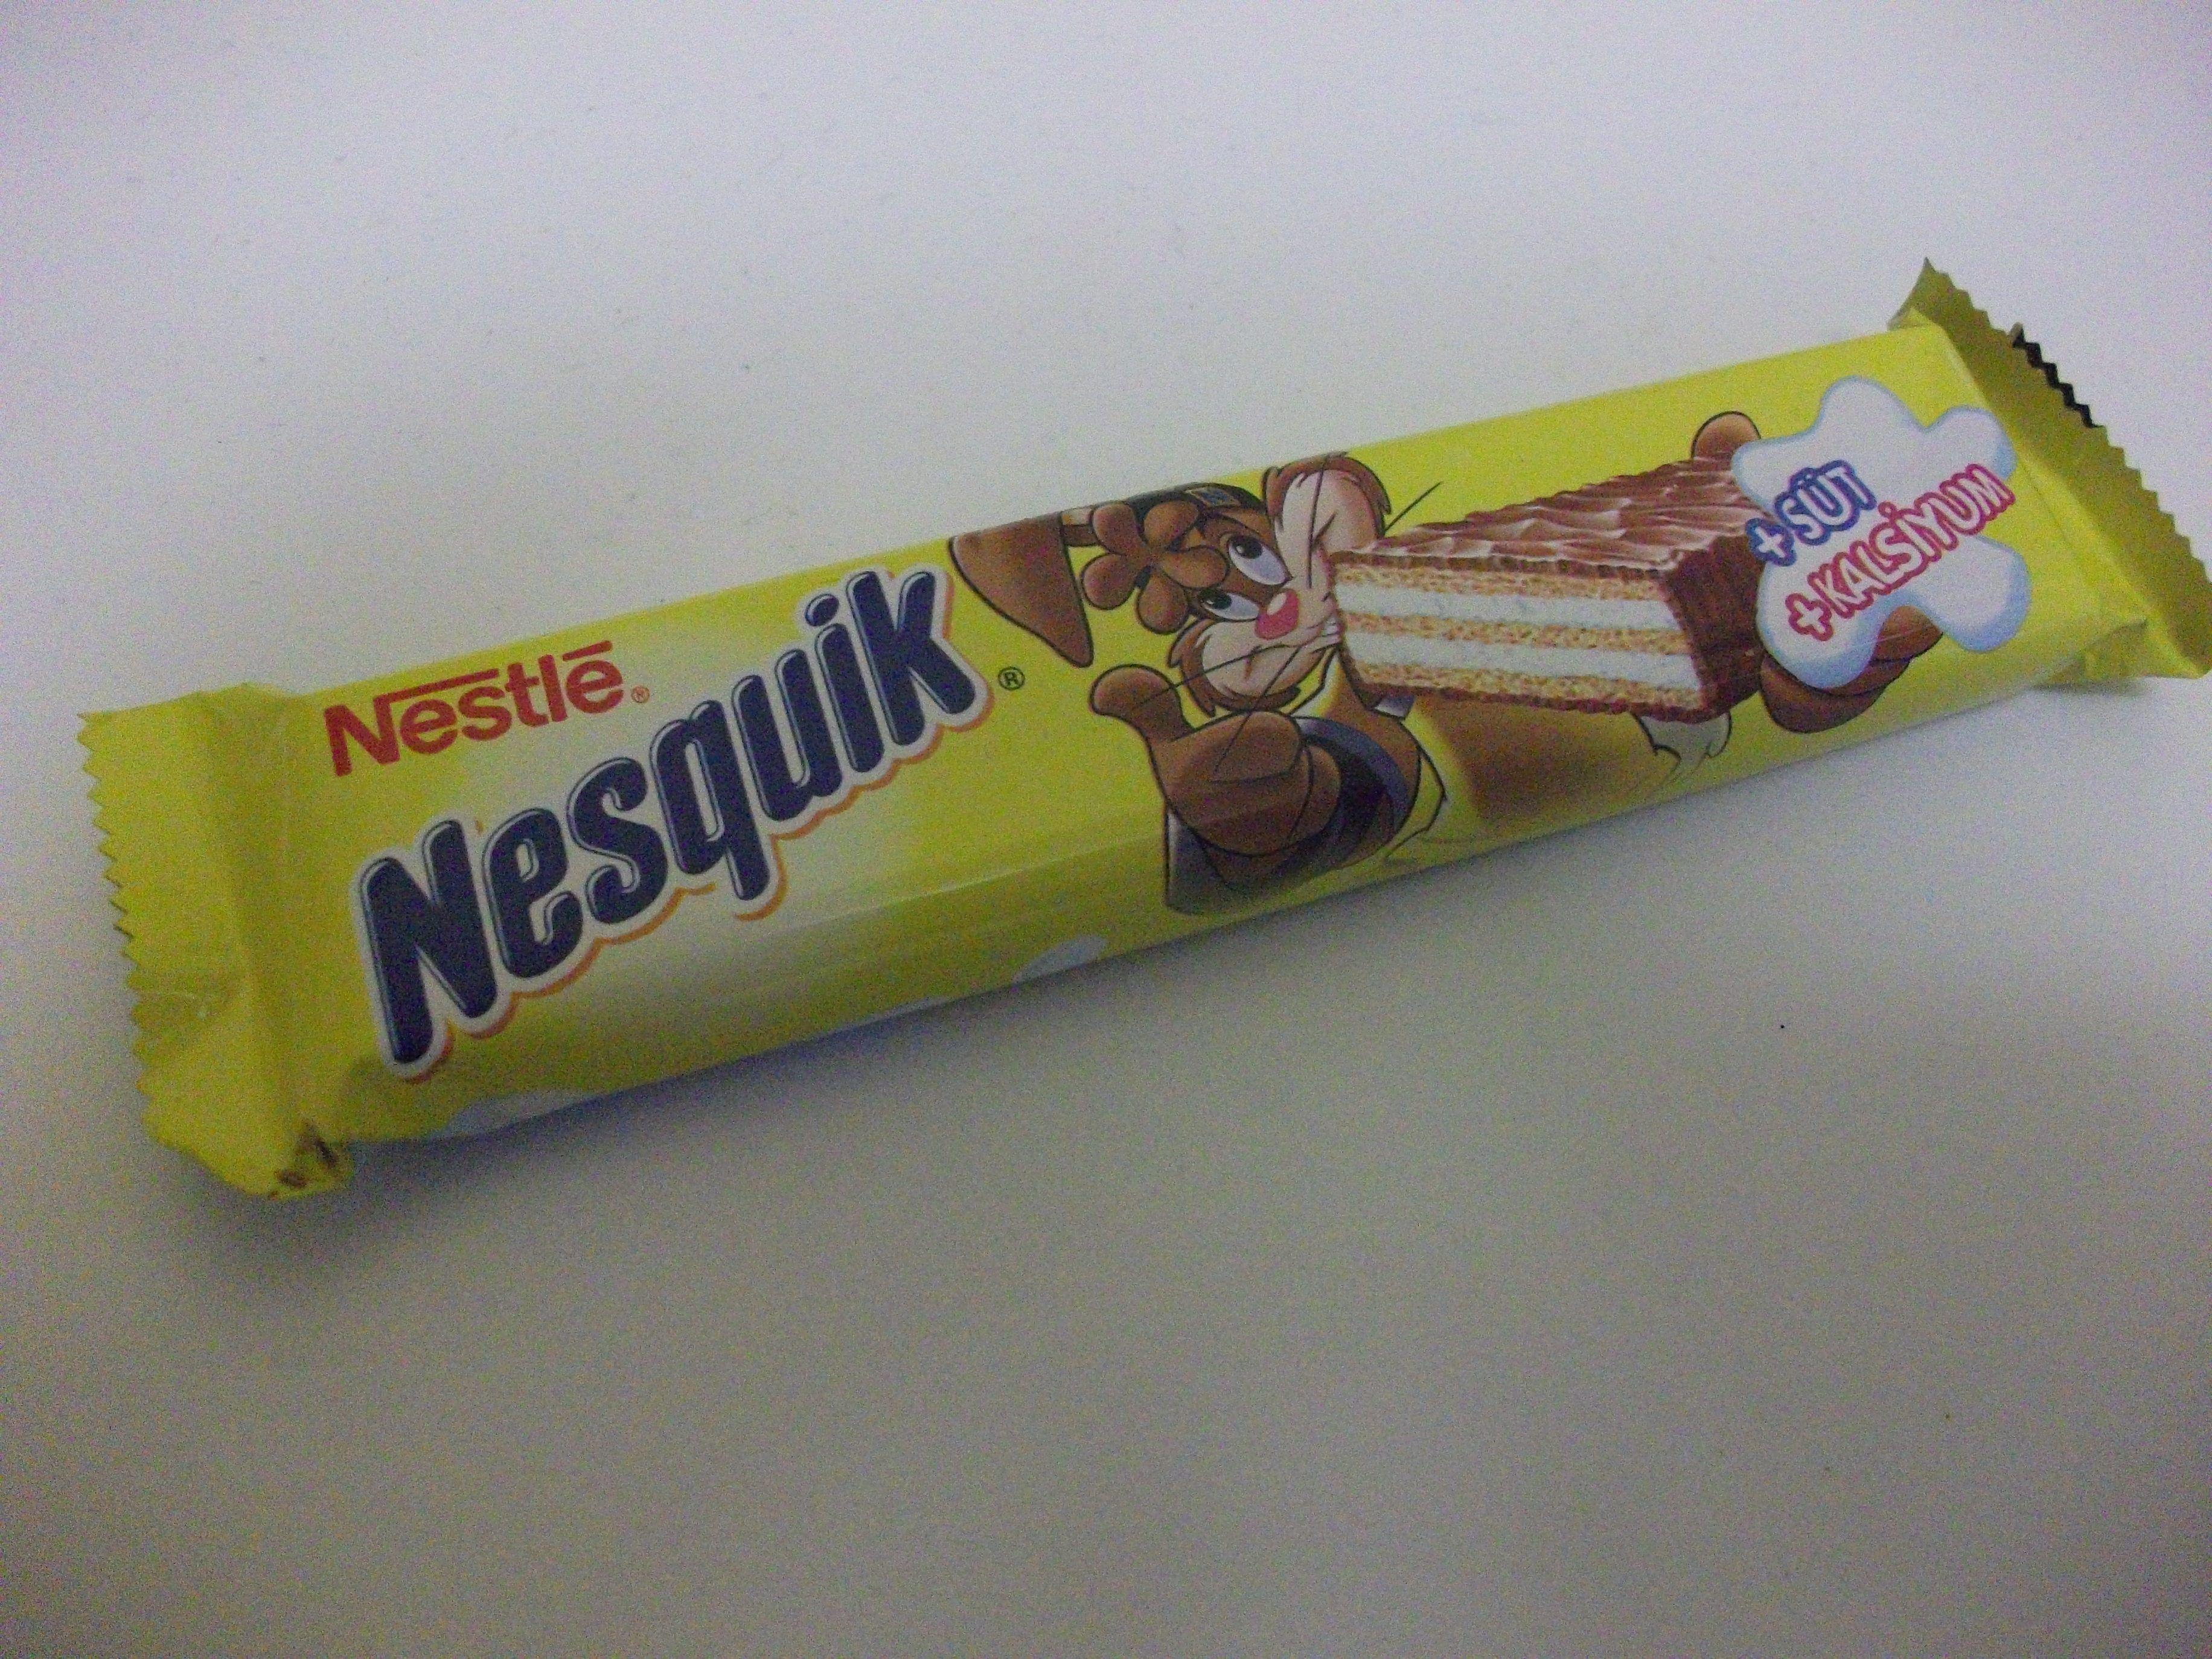 Nestle Nesquik Chocolate Wafer Bar #nesquik #chocolate